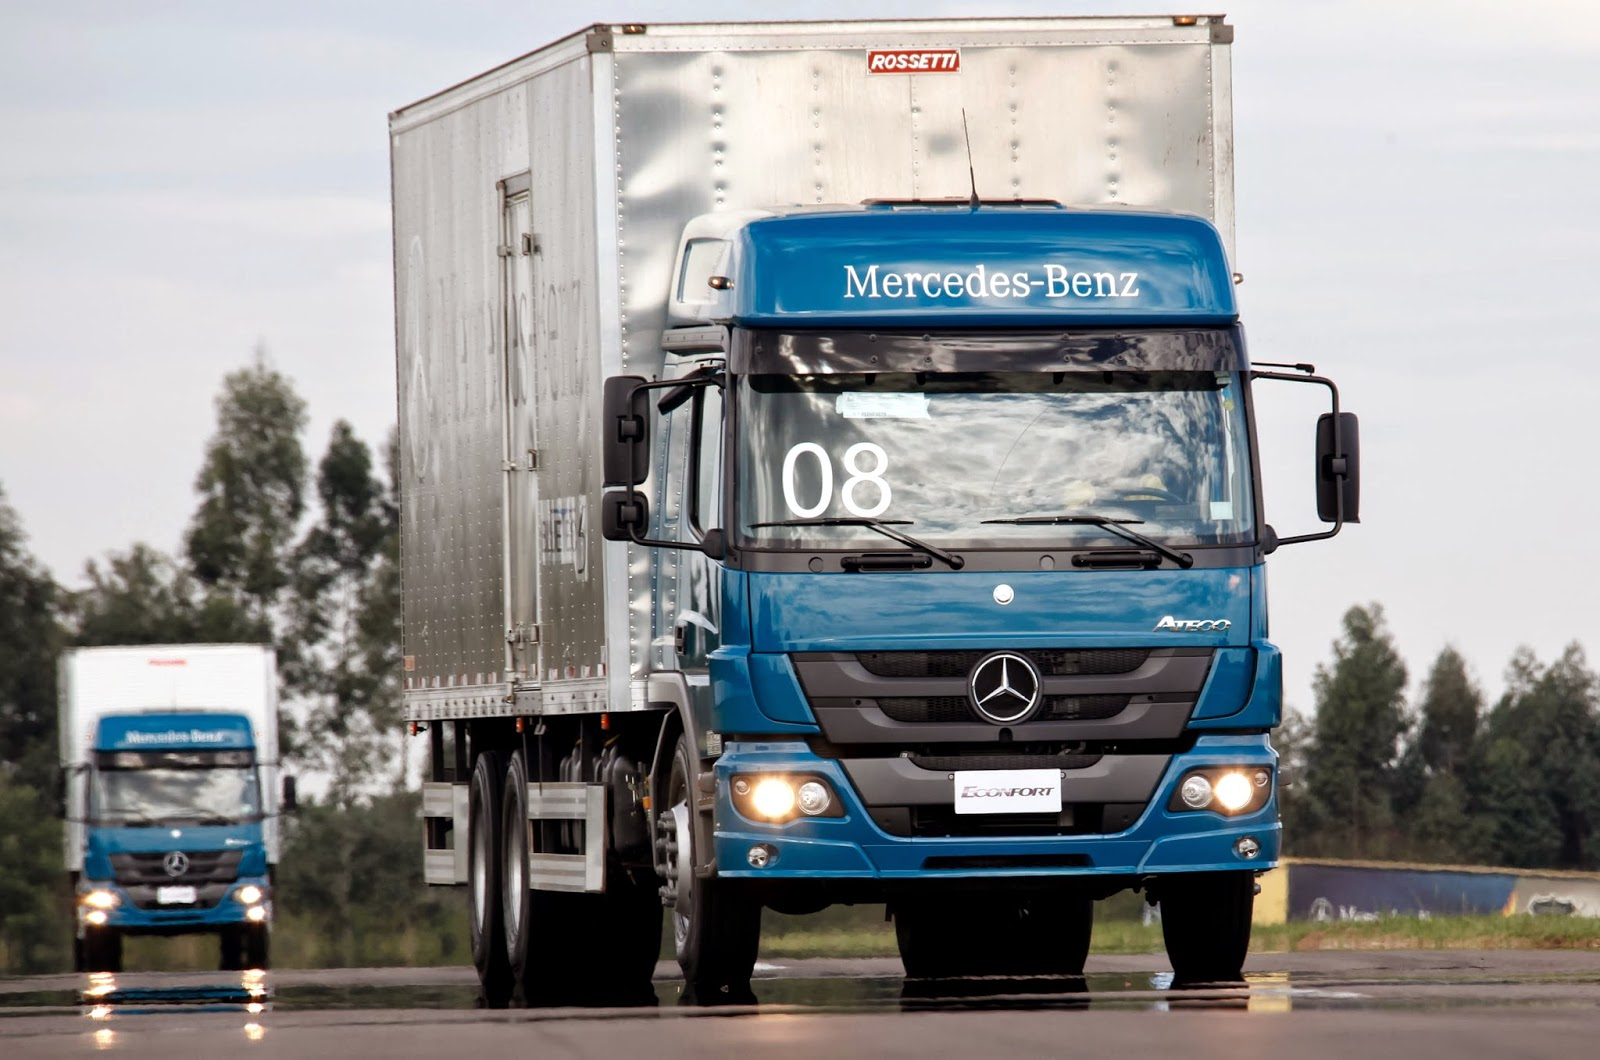 Os Novos Caminhões ECONFORT Da Mercedes Benz Ganham Destaque Na 13ª Edição  Do Santa Rosa Truck Show. Este Tradicional Evento, Que Reúne Feira E  Test Drive, ...